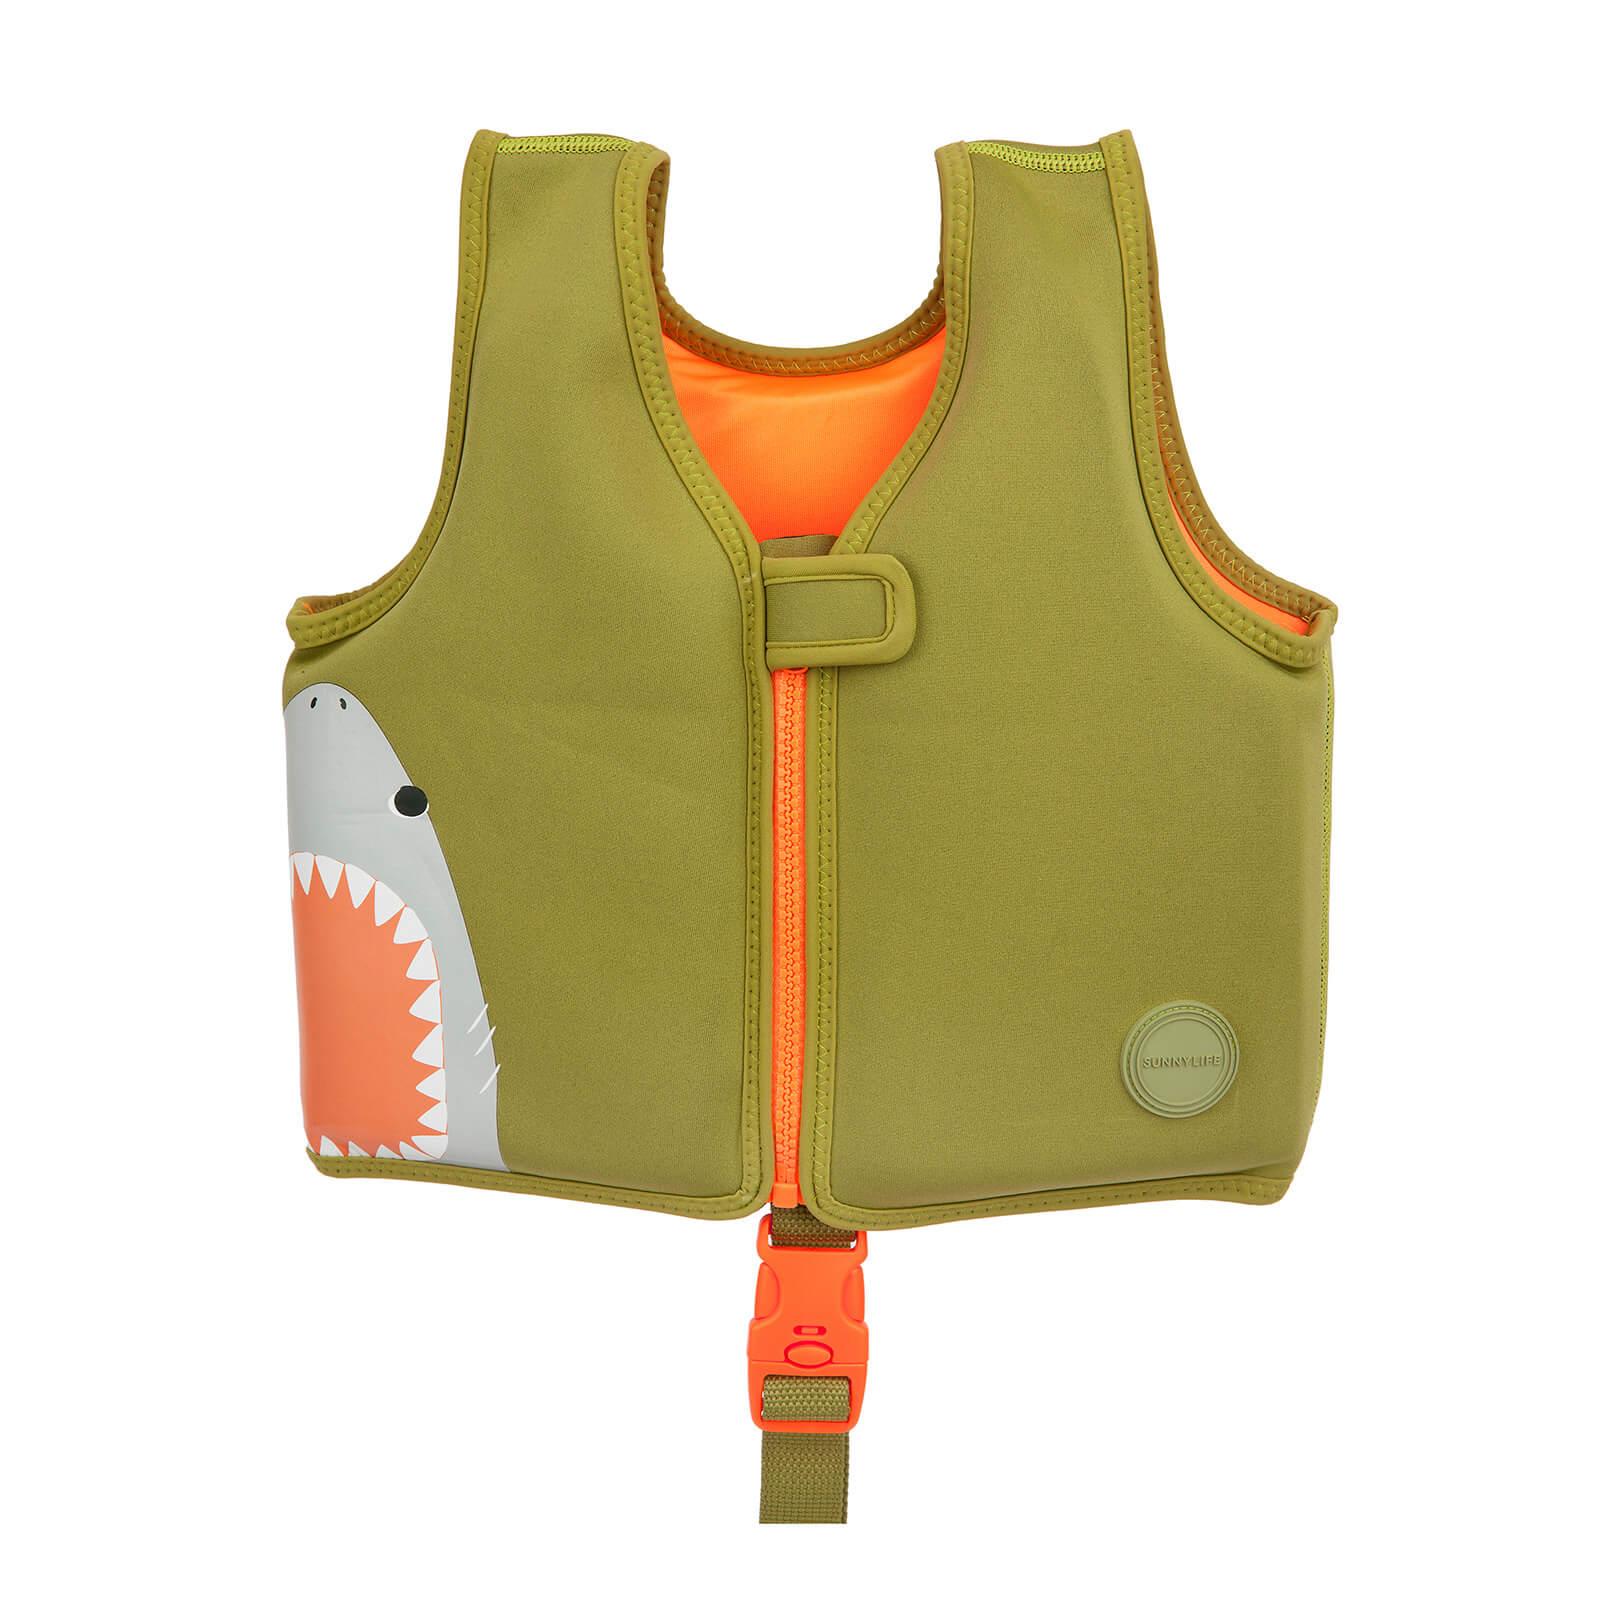 Sunnylife Kids Lifesaver Vest   Shark Attack   2 3 Years